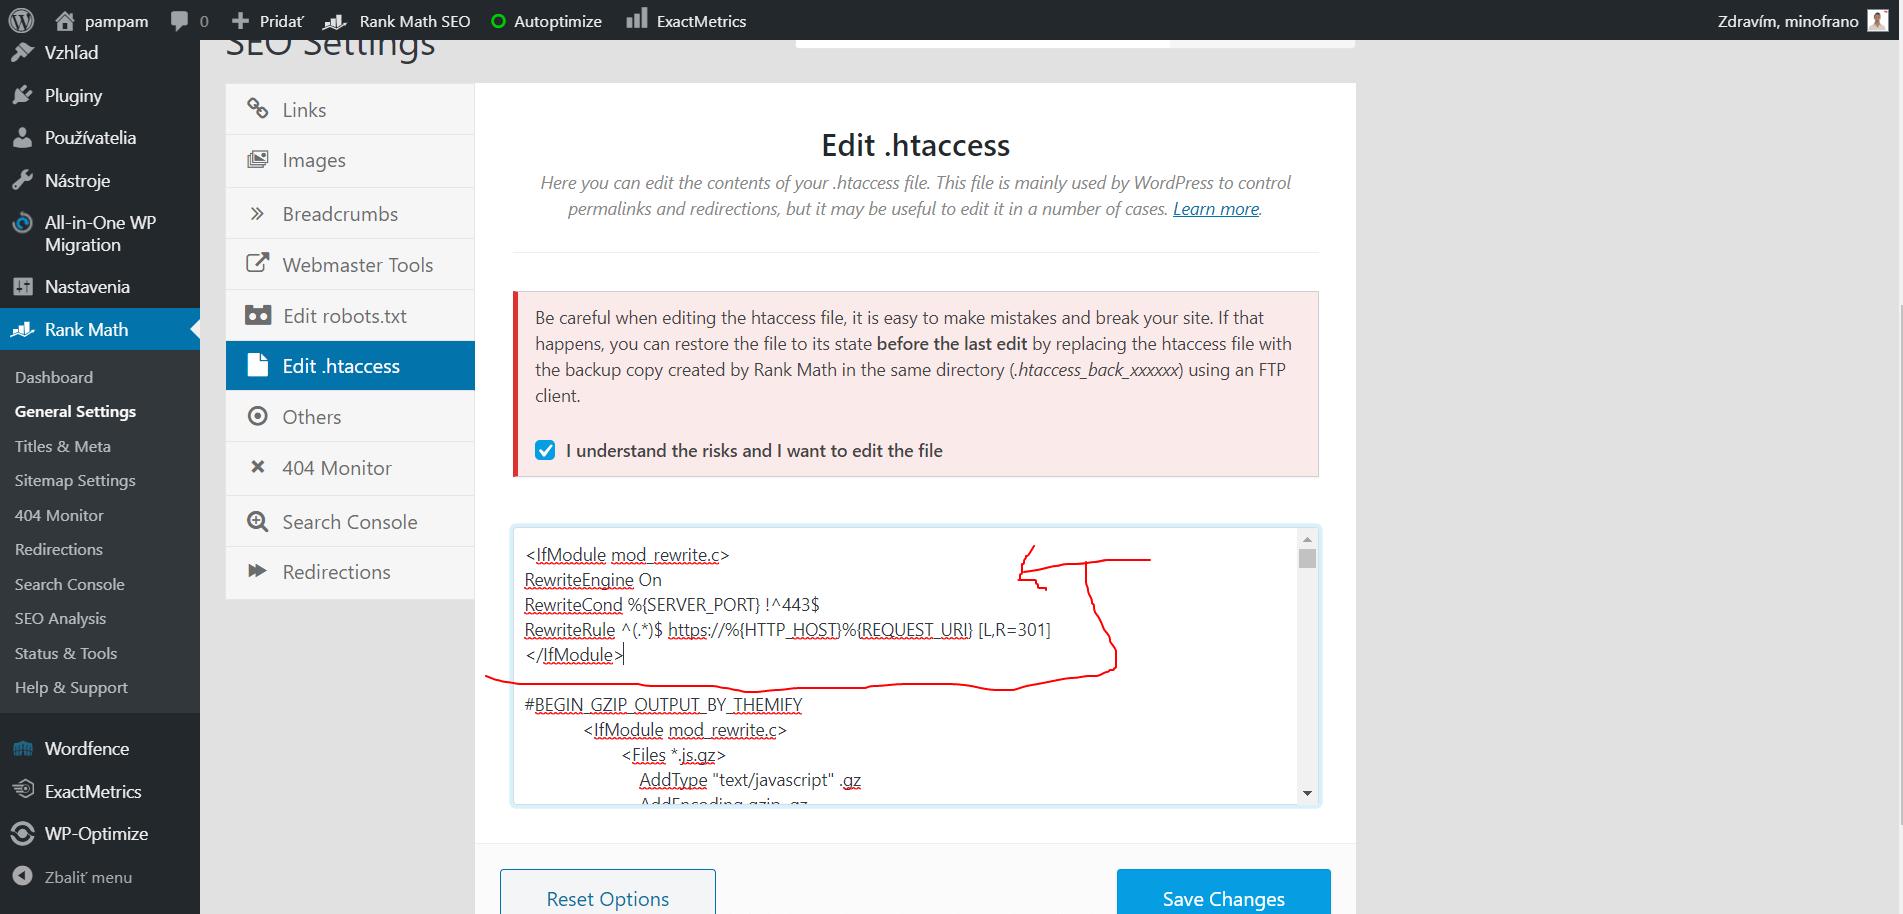 aktivácia ssl cez htaccess